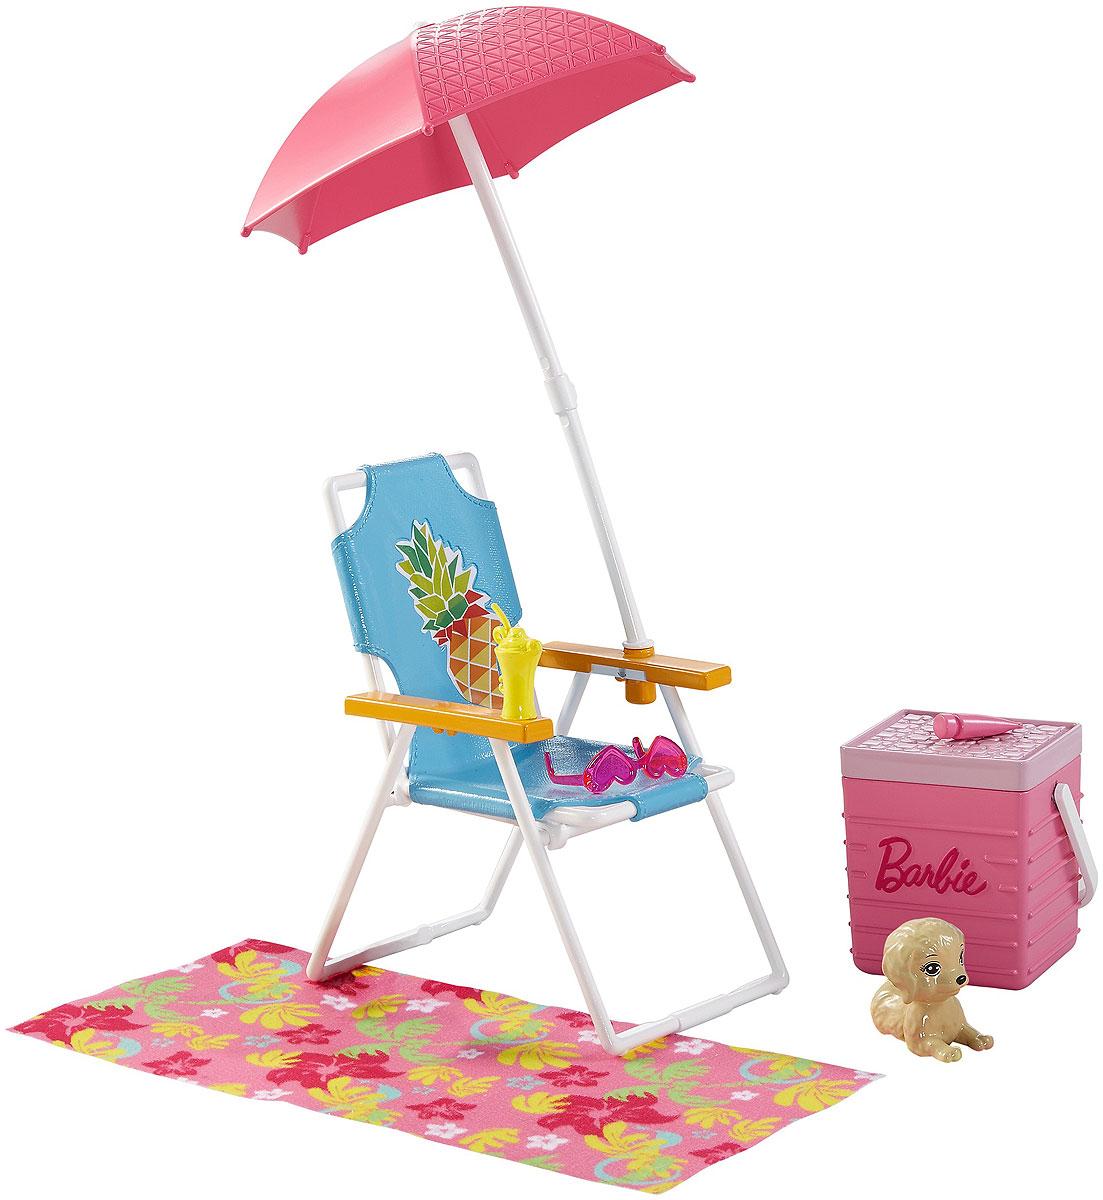 Barbie Мебель для кукол Отдых на природе Пикник аксессуары для кукол barbie barbie мини наборы для декора